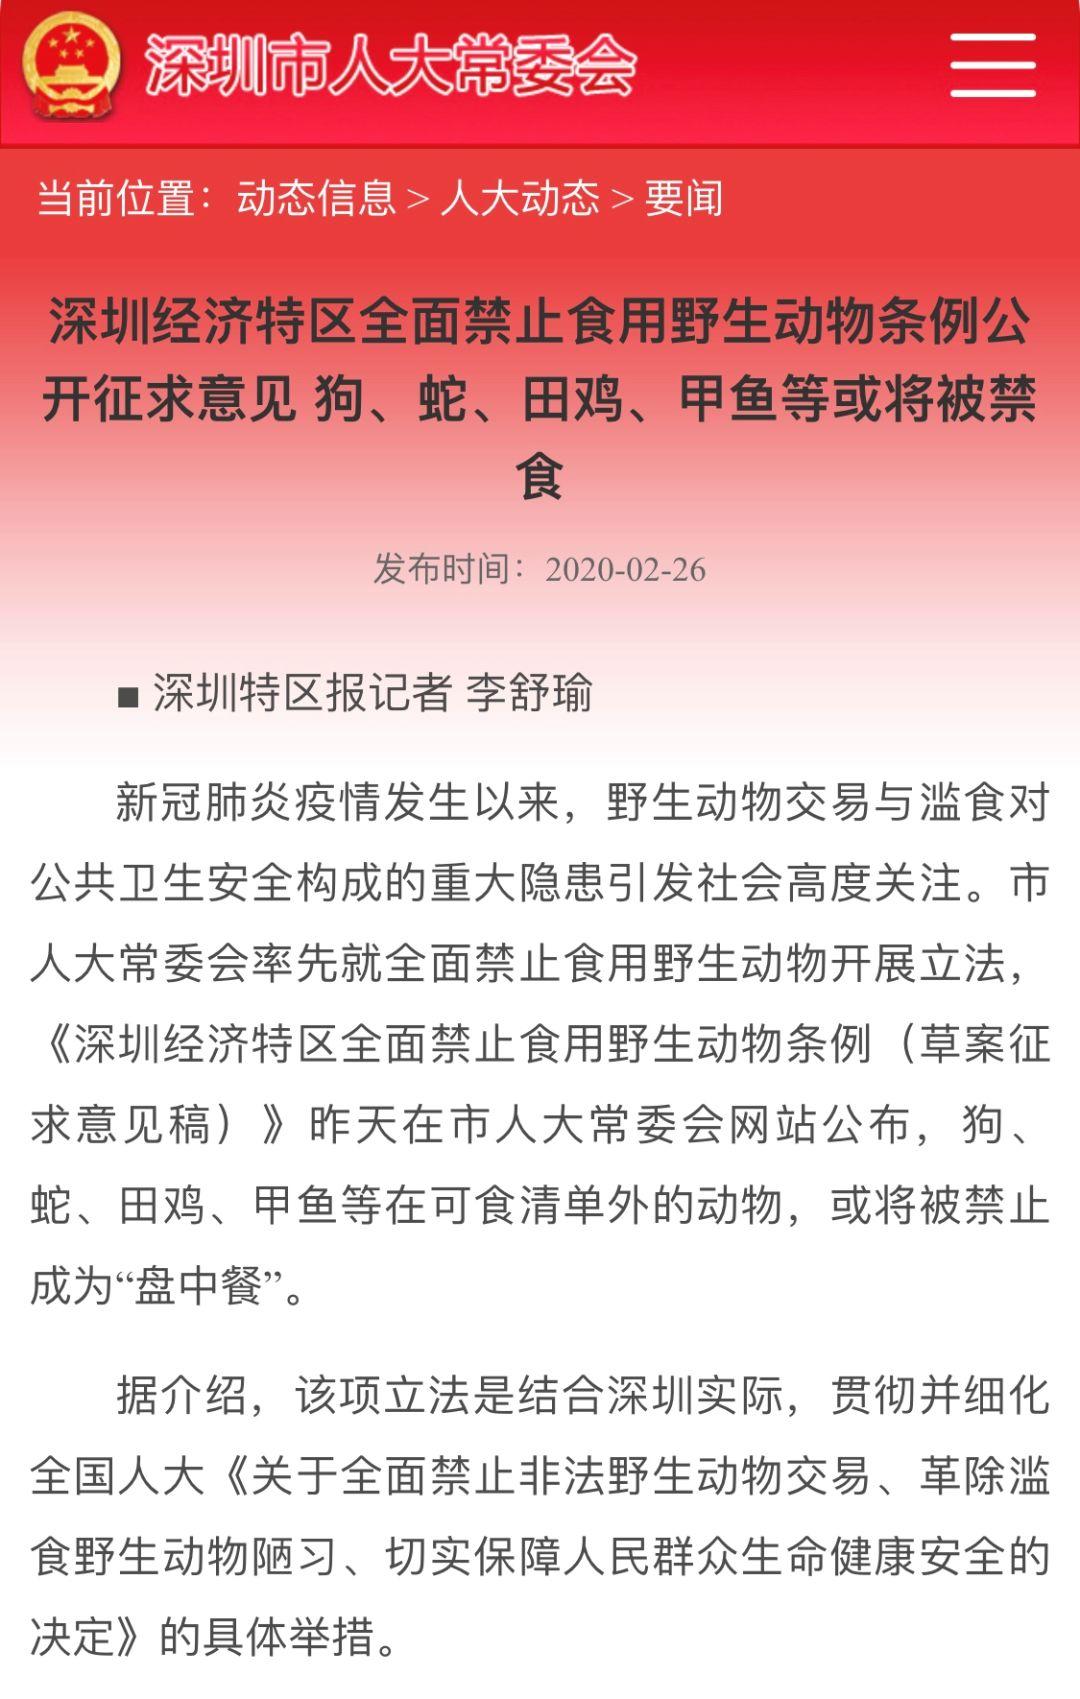 重磅!人民网:深圳或将禁食猫狗,违者可能被判违法!